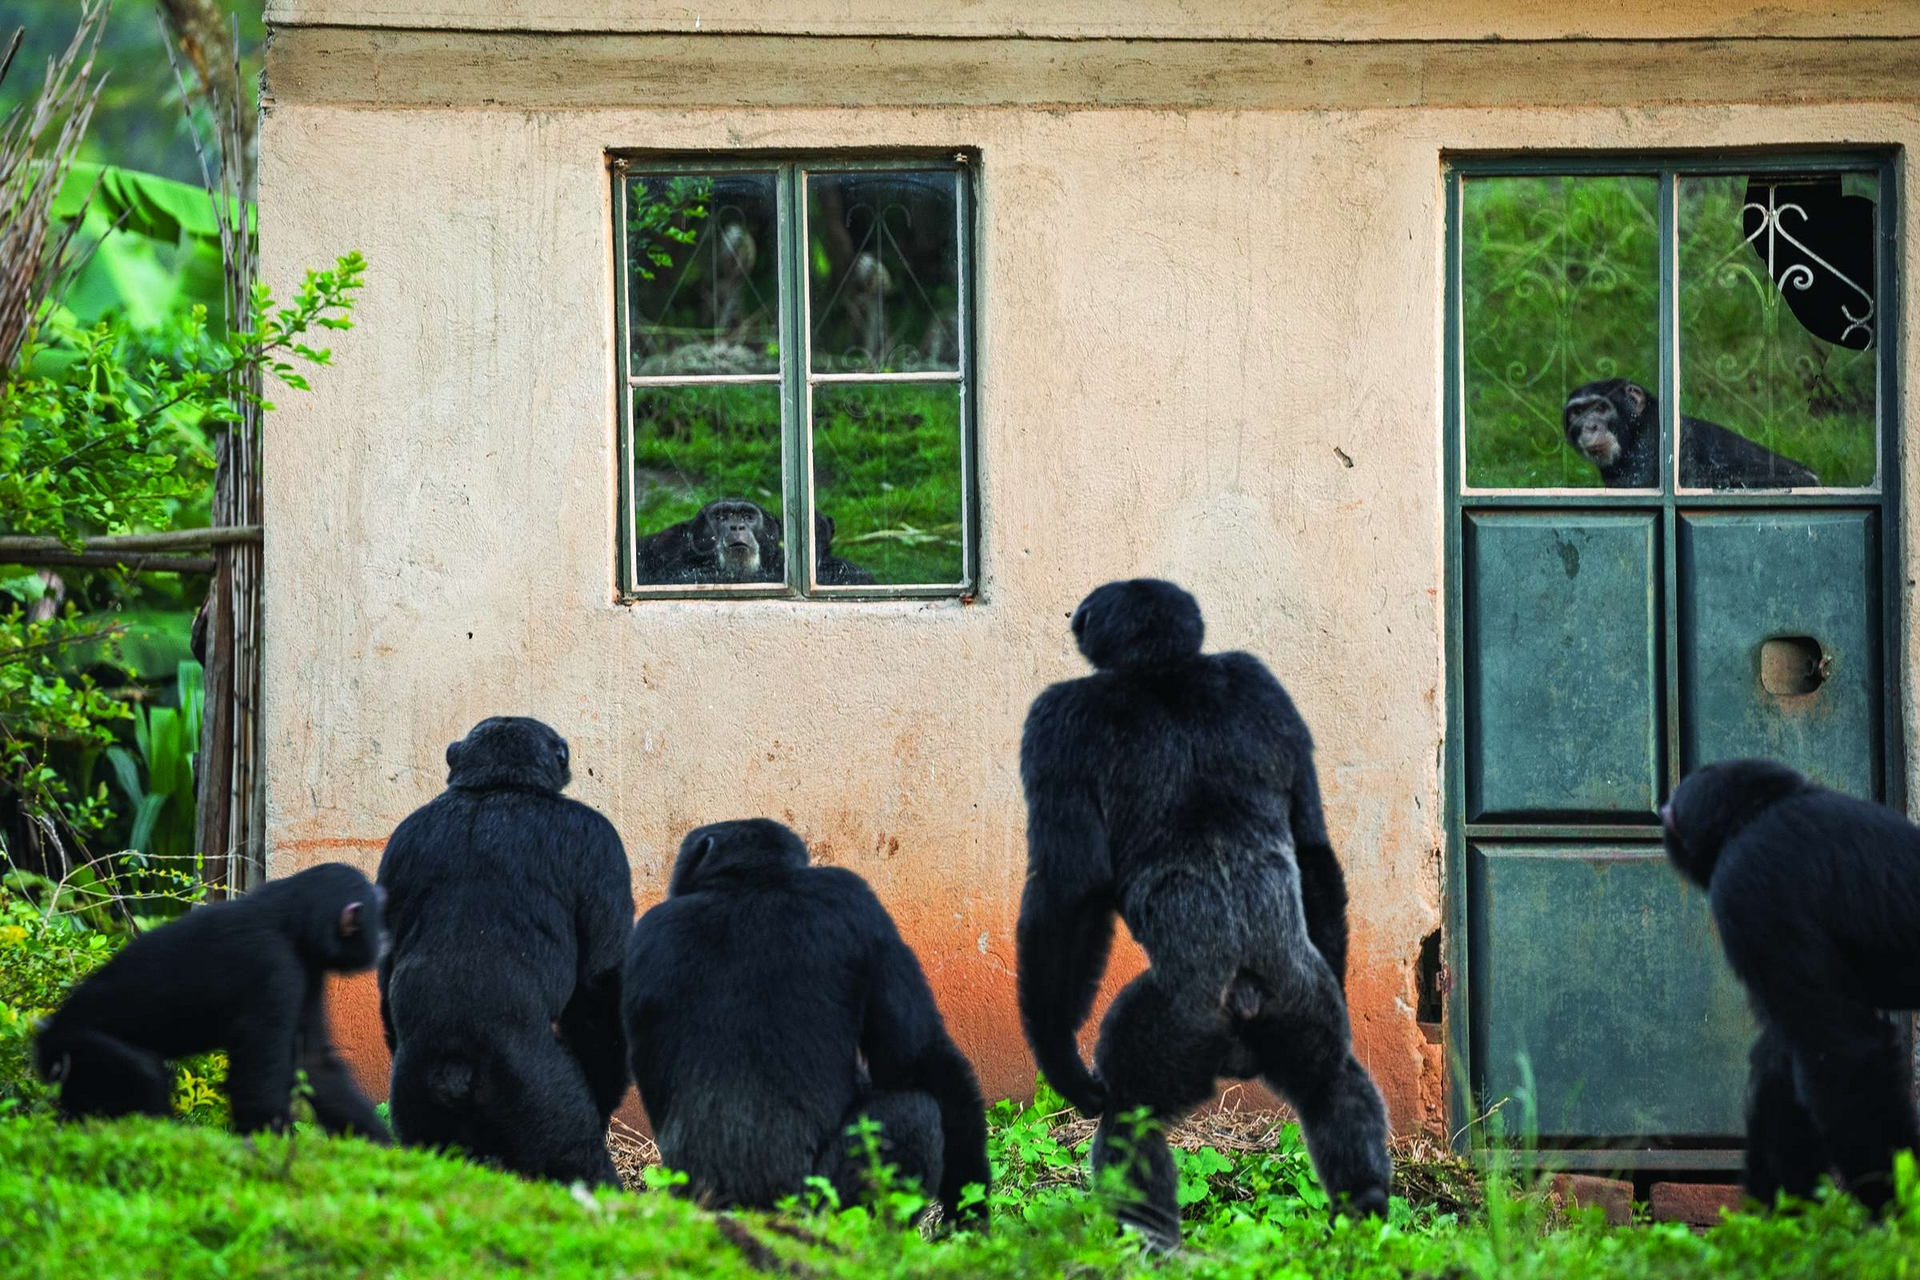 2014年7月,有隻黑猩猩在奇亞馬亞卡殺死了名叫慕朱尼.賽馬塔的幼兒。這家人遷走後,黑猩猩仍然留在村裡──甚至會在賽馬塔家空蕩蕩的屋子外面,盯著窗戶上自己的倒影。 PHOTO: RONAN DONOVAN